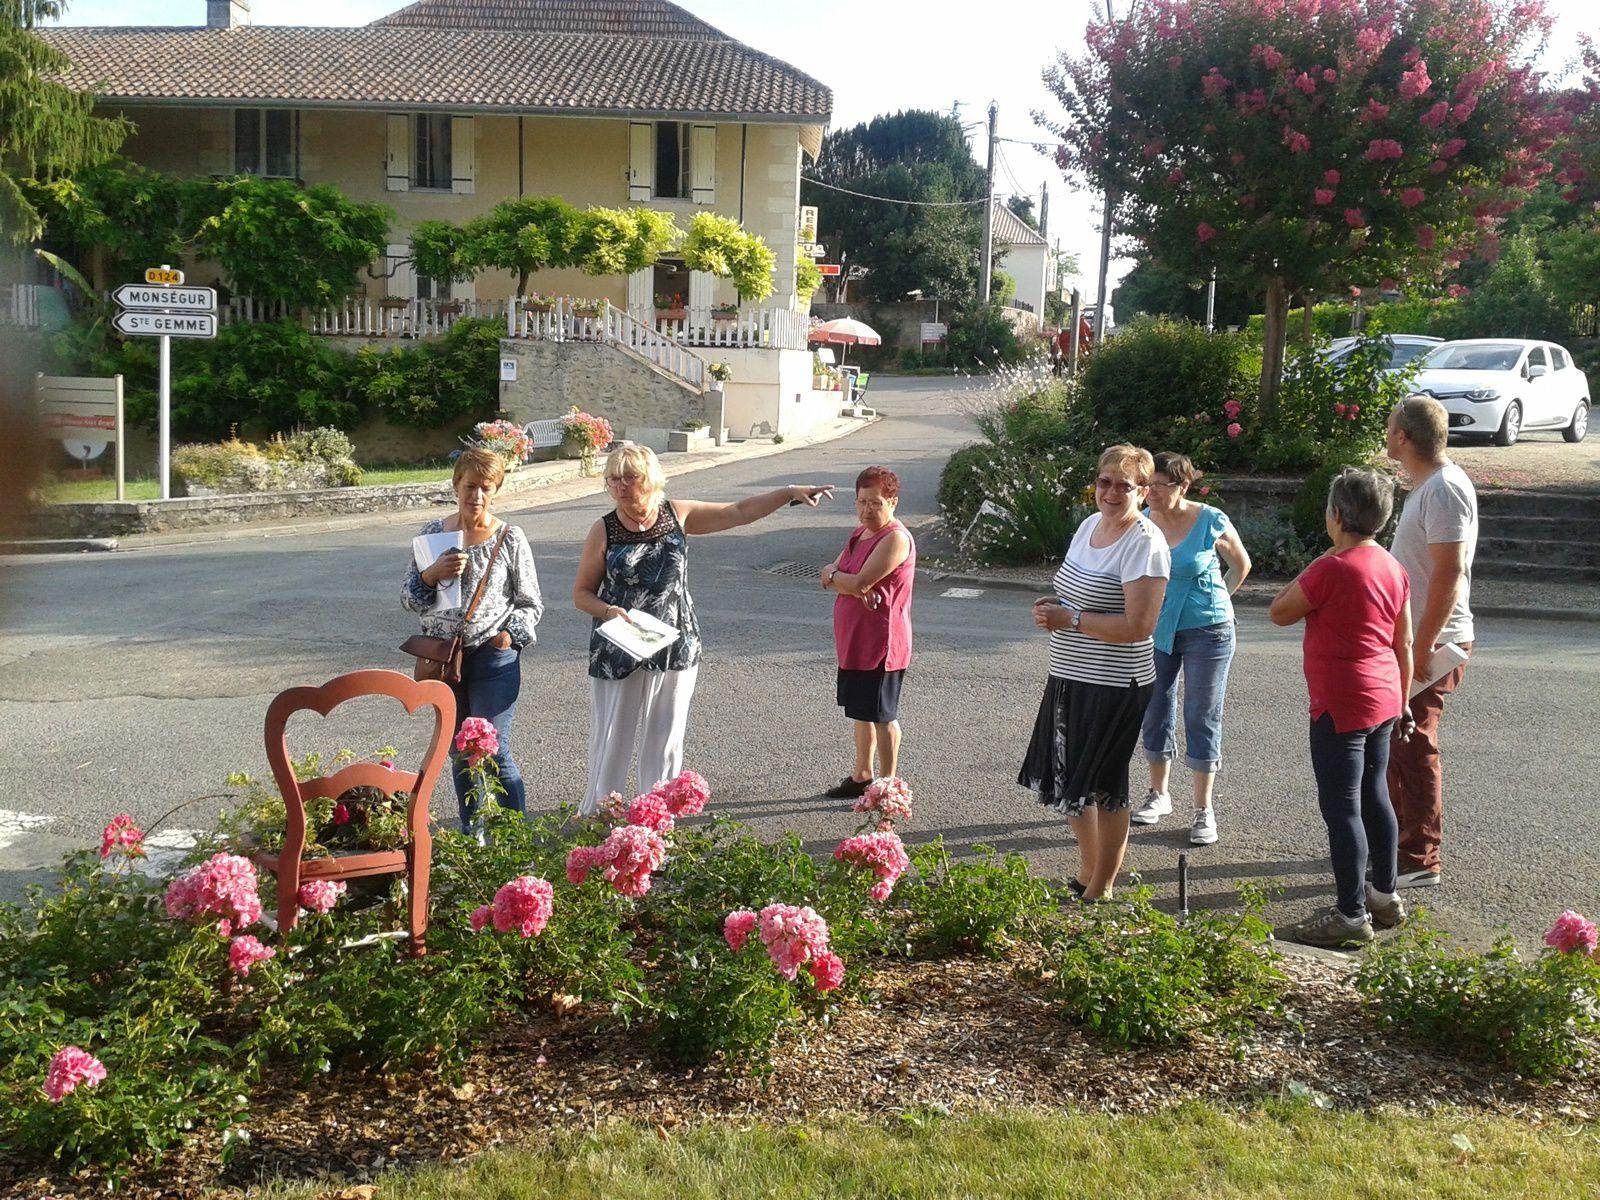 2018 07 11 - concours régional des villages fleuris à Saint-Vivien-de-Monségur